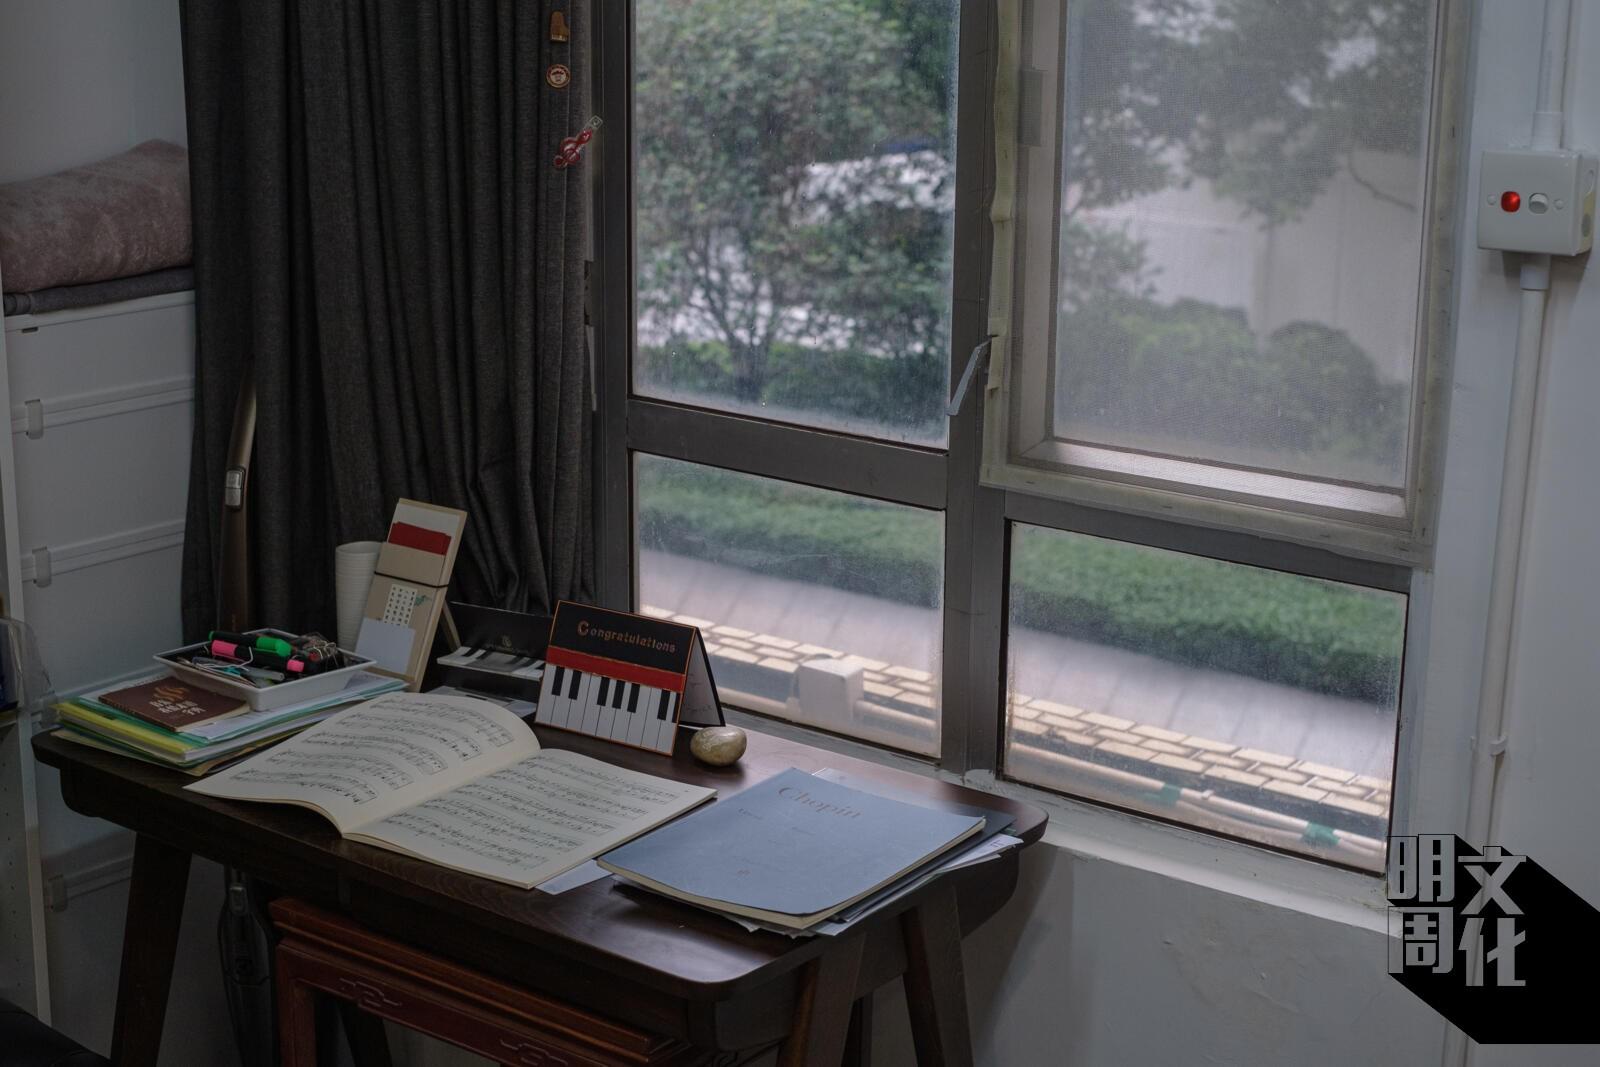 教室內對街的窗